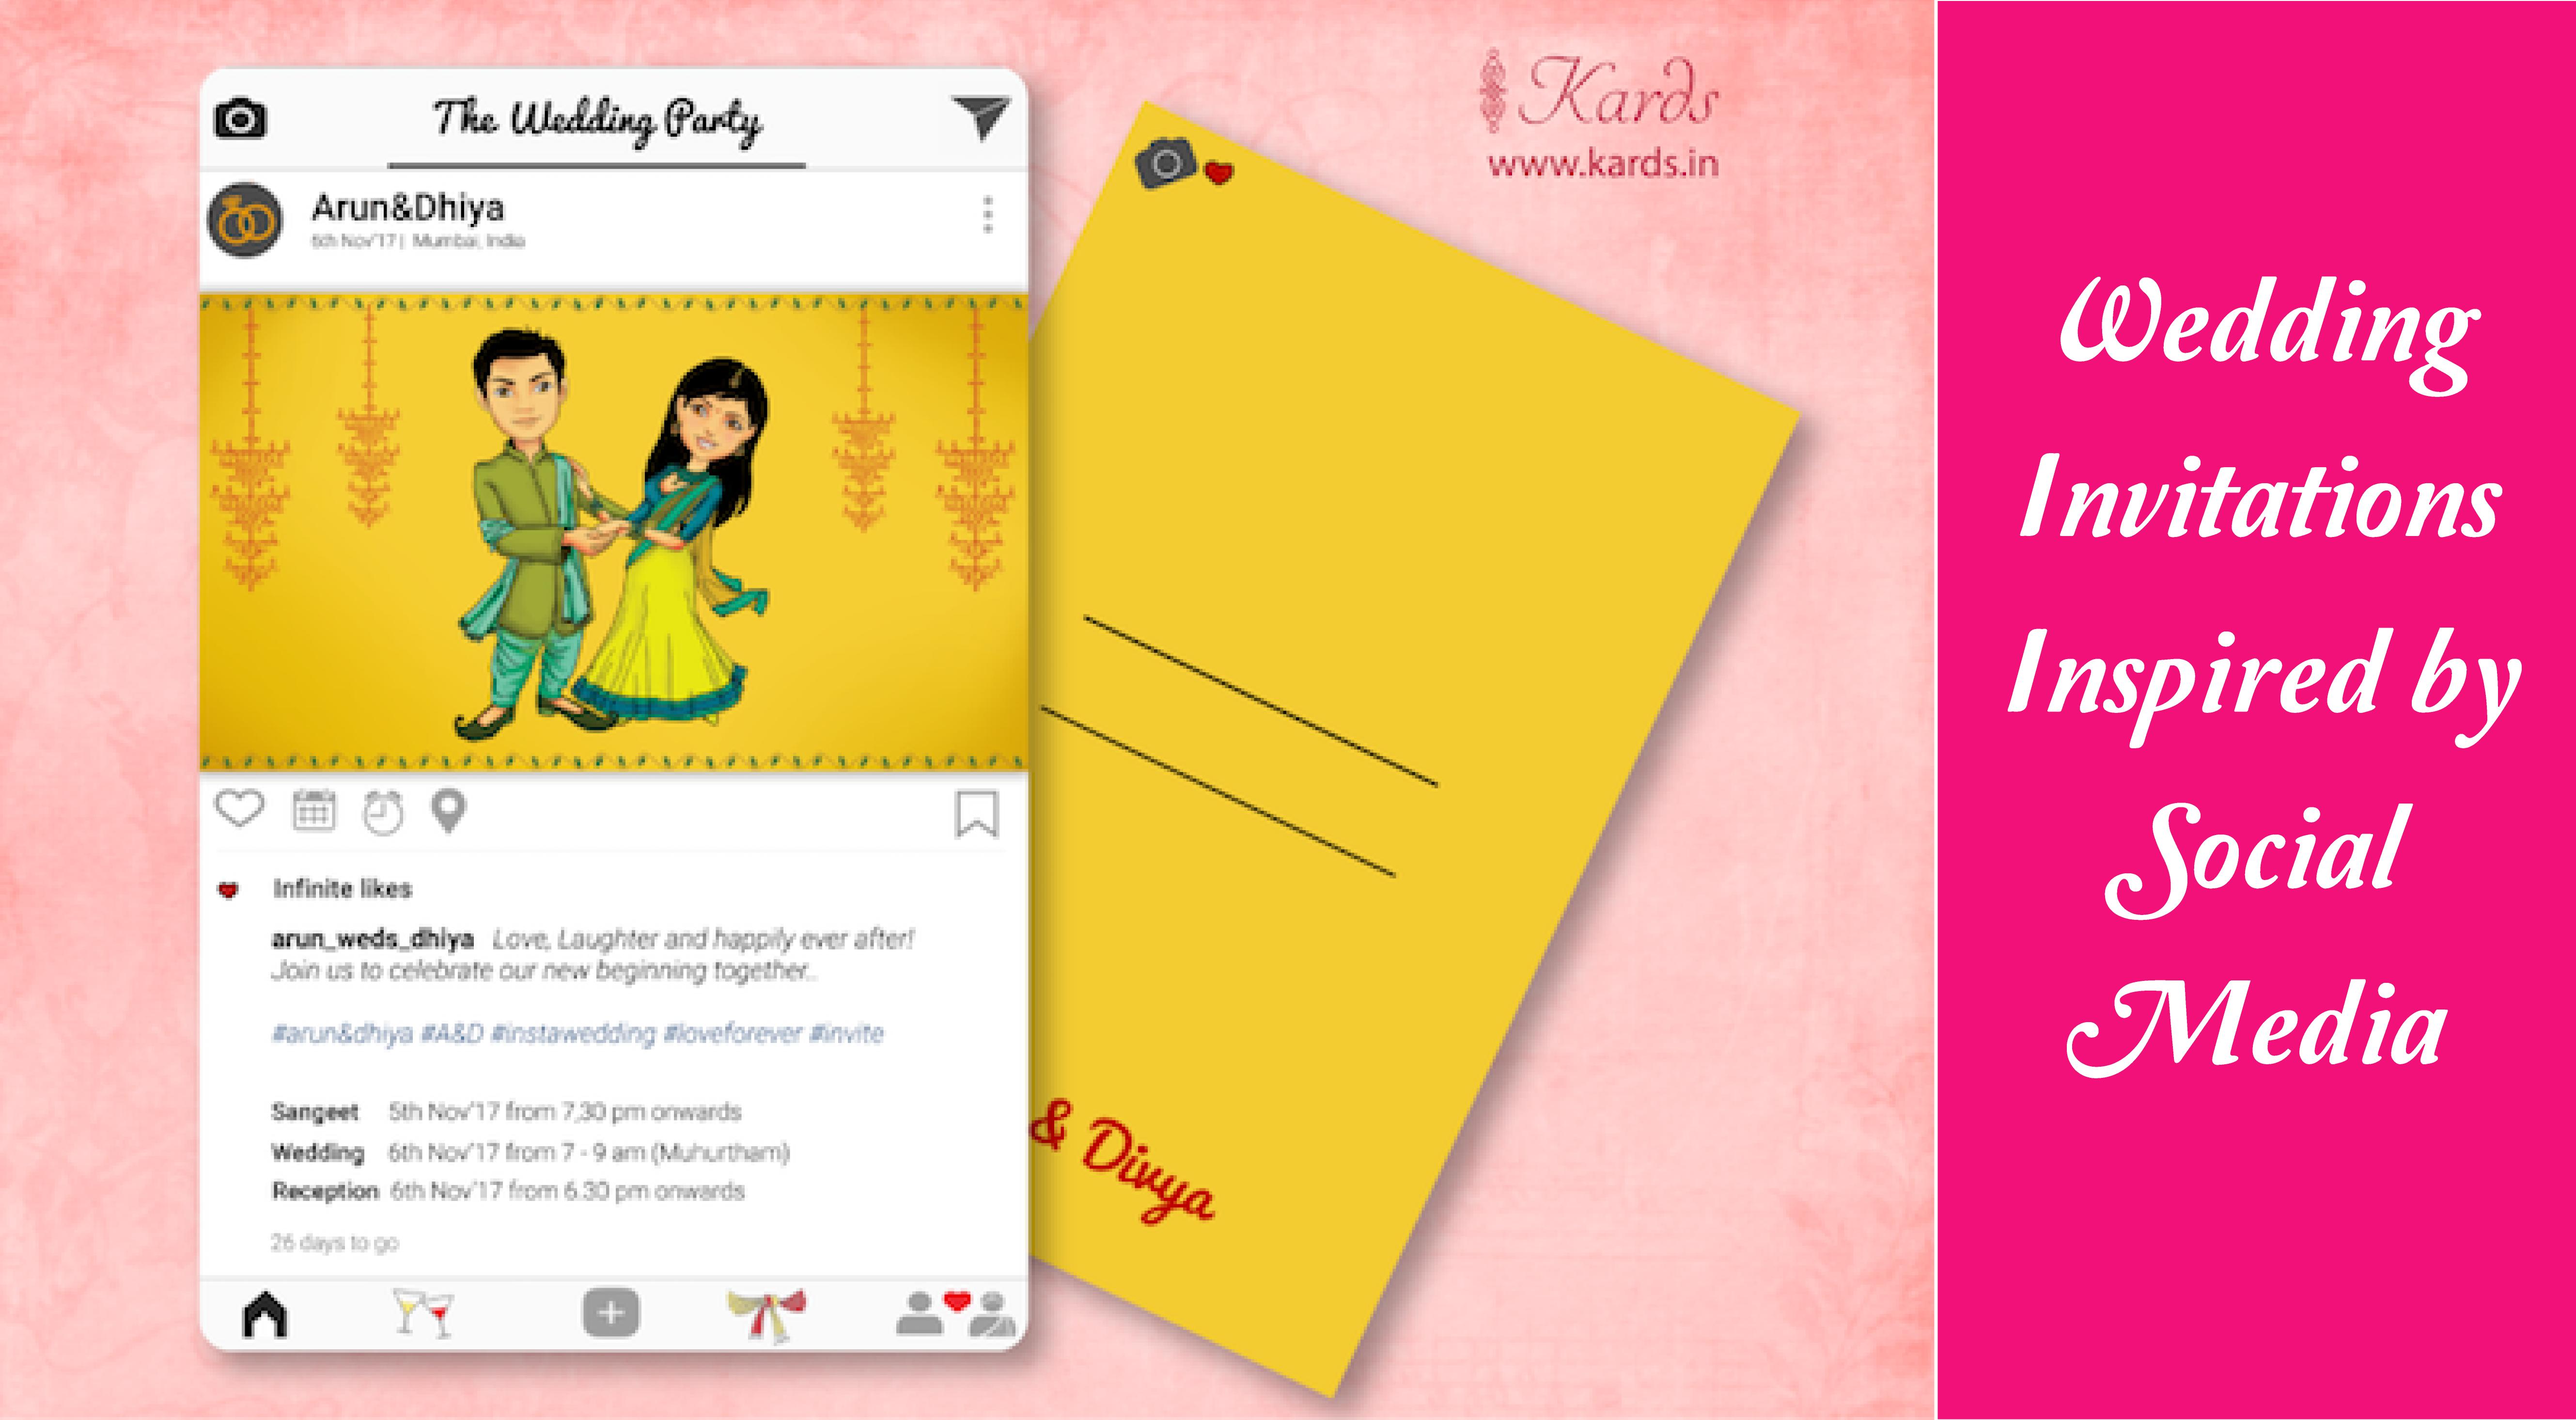 Wedding invitations Inspired by Social media  Wedding invitations